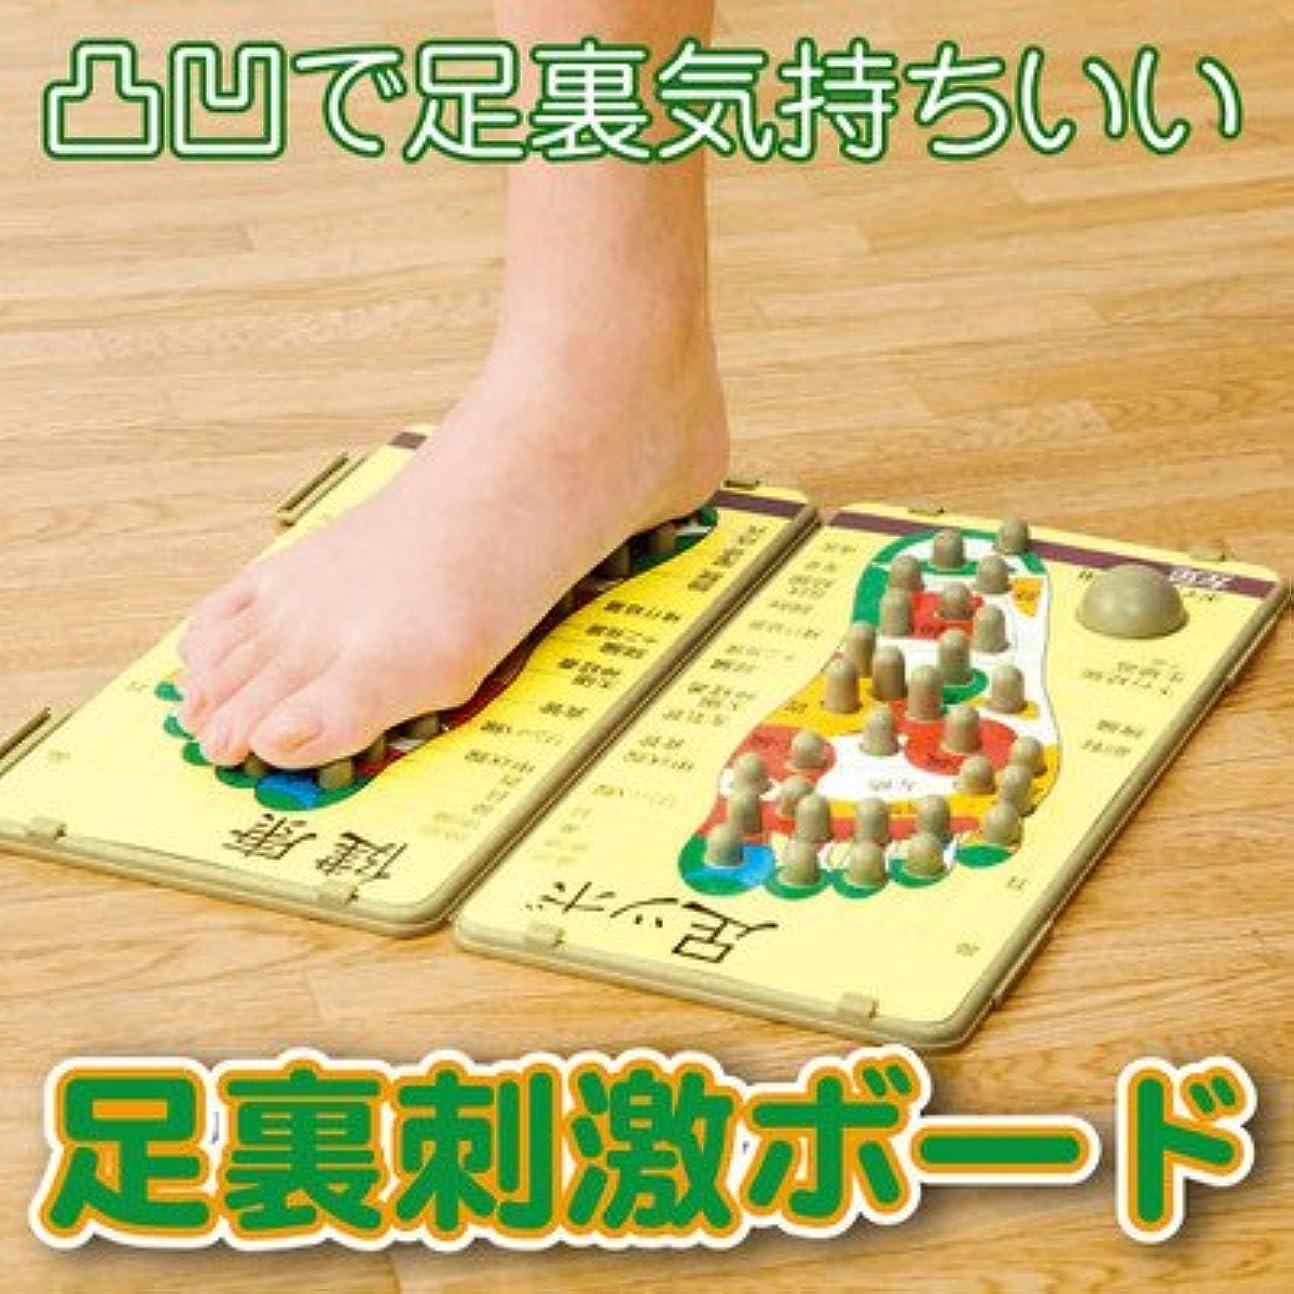 悪性腫瘍湿度グリーンバック足裏刺激ボード 足裏刺激で痛気持ちいい